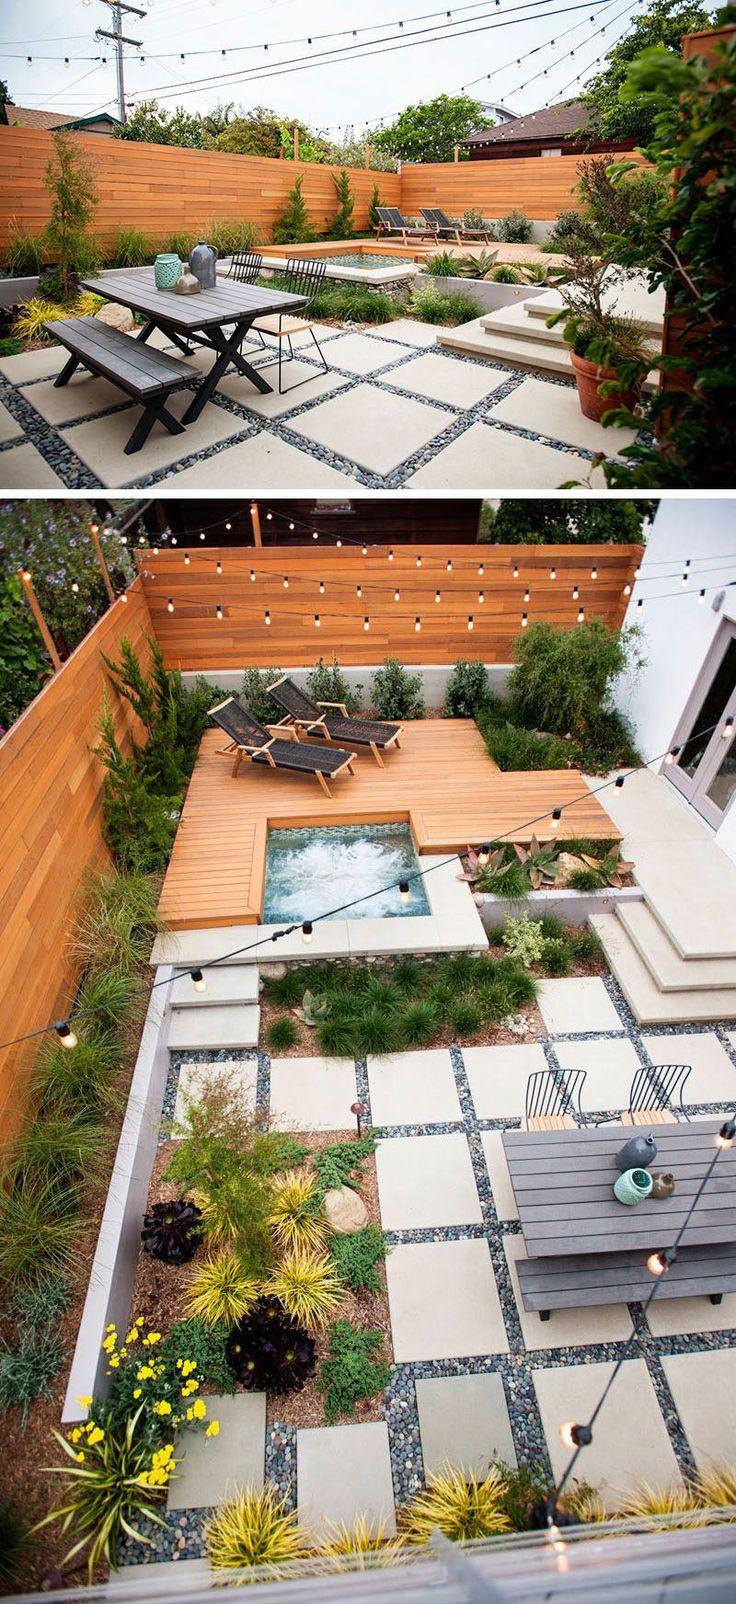 Awesome 60+ Stylish Backyard Hot Tubs Decoration Ideas https://homstuff.com/2017/06/16/60-stylish-backyard-hot-tubs-decoration-ideas/